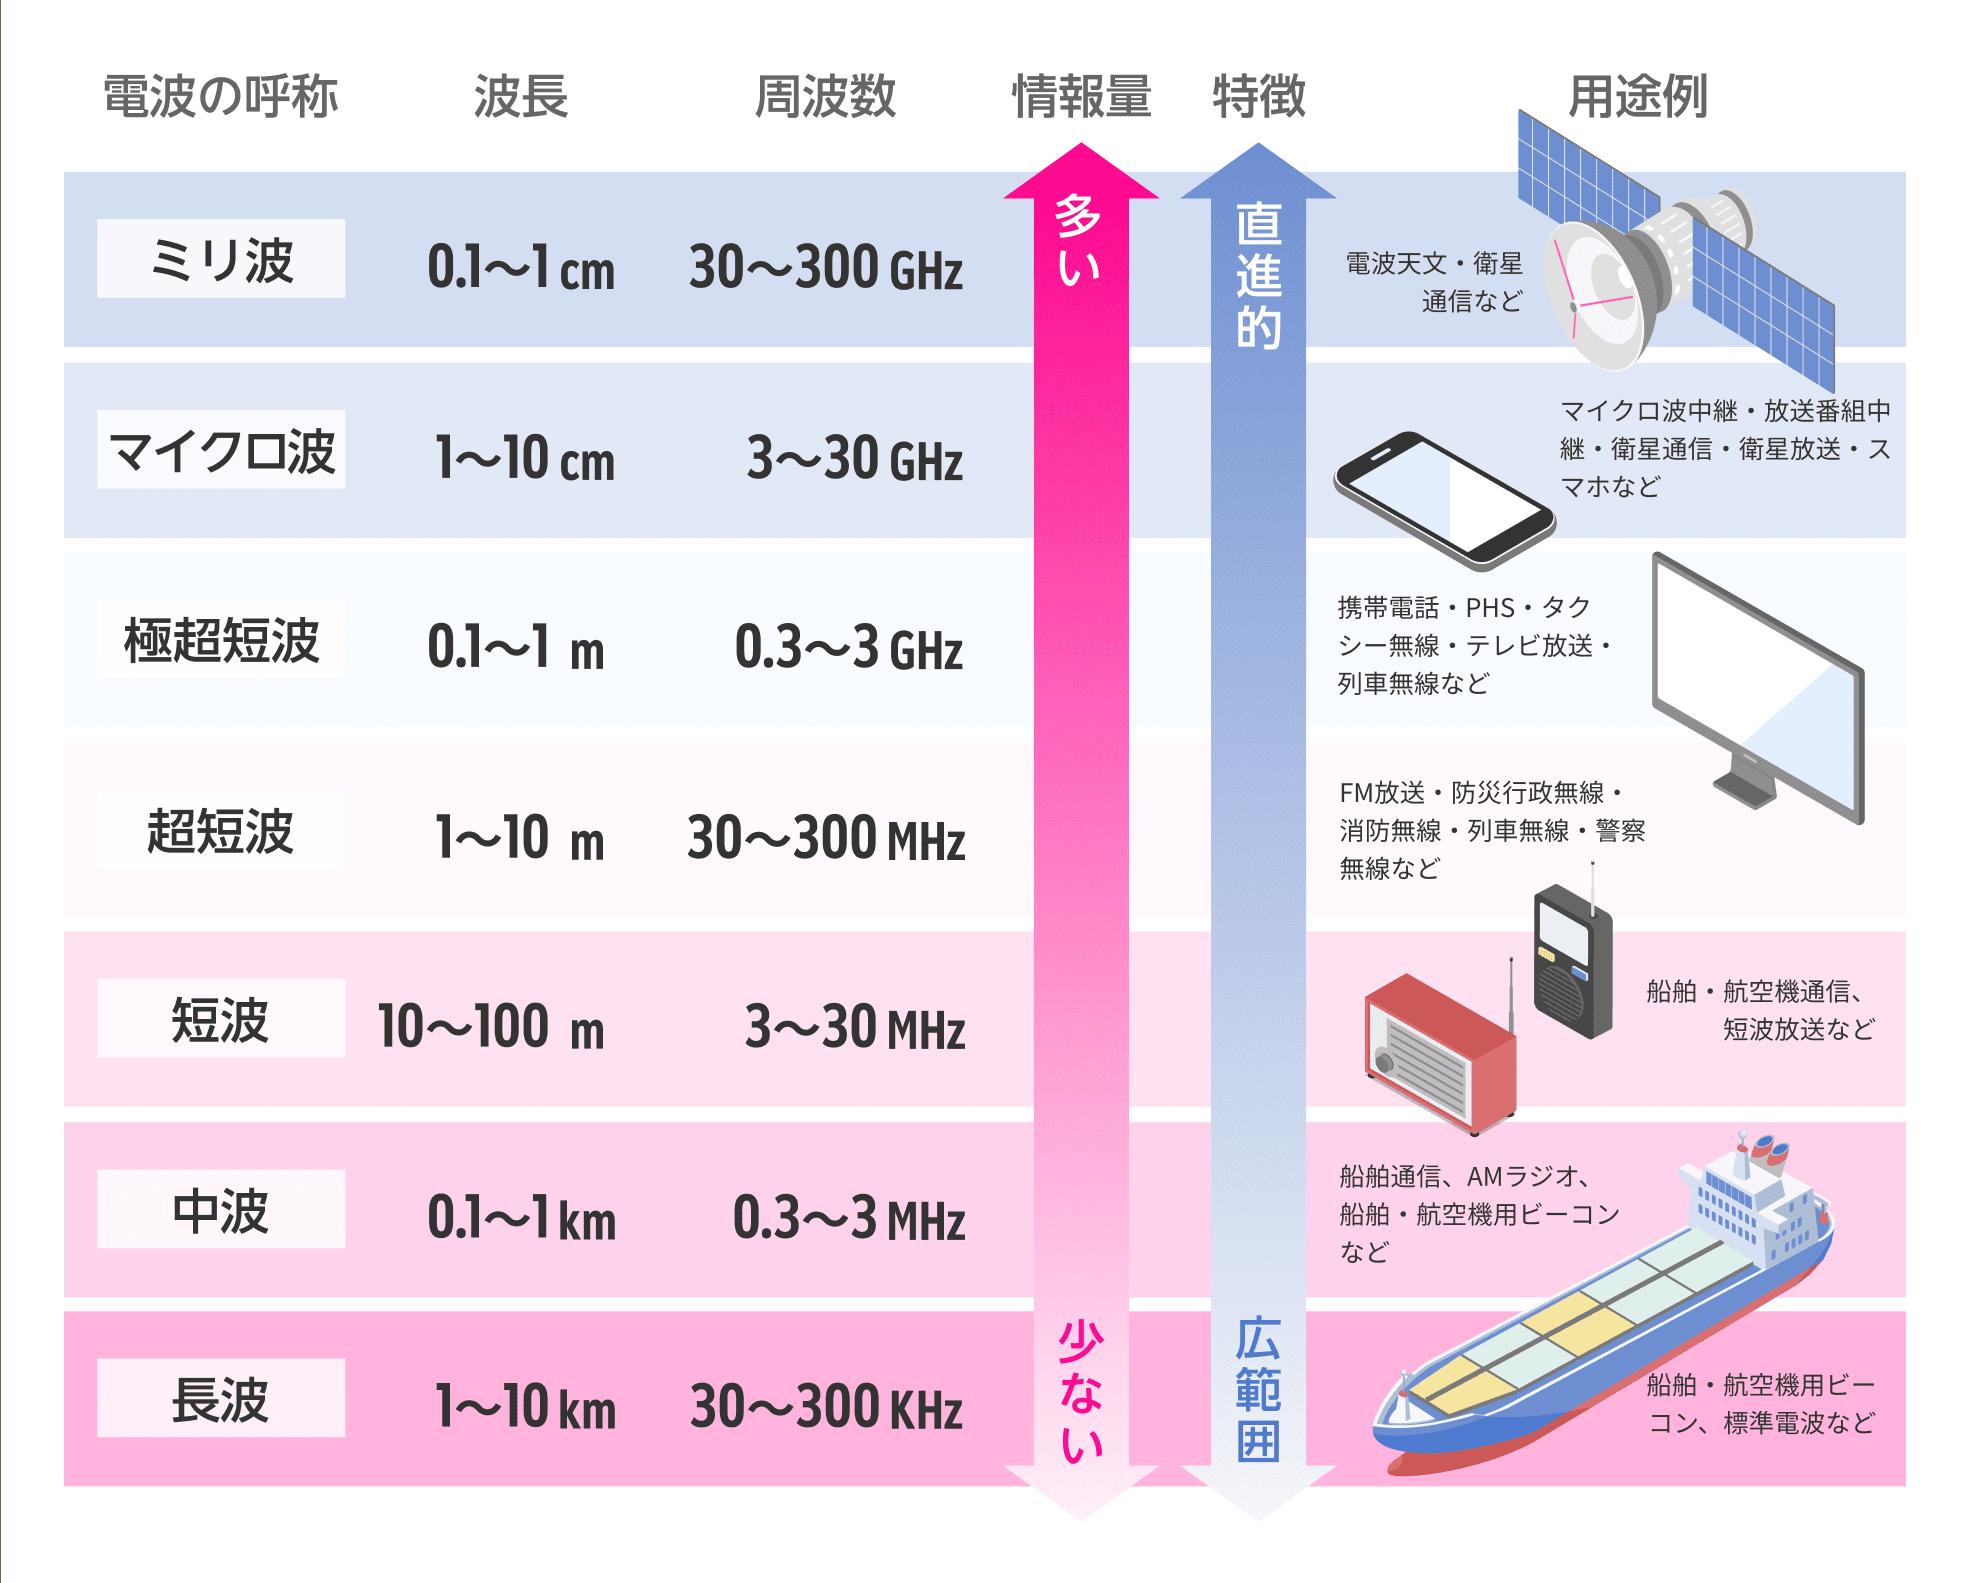 5g 楽天 楽天モバイル5Gサービス開始はいつから?対応端末にiPhoneは含まれる?